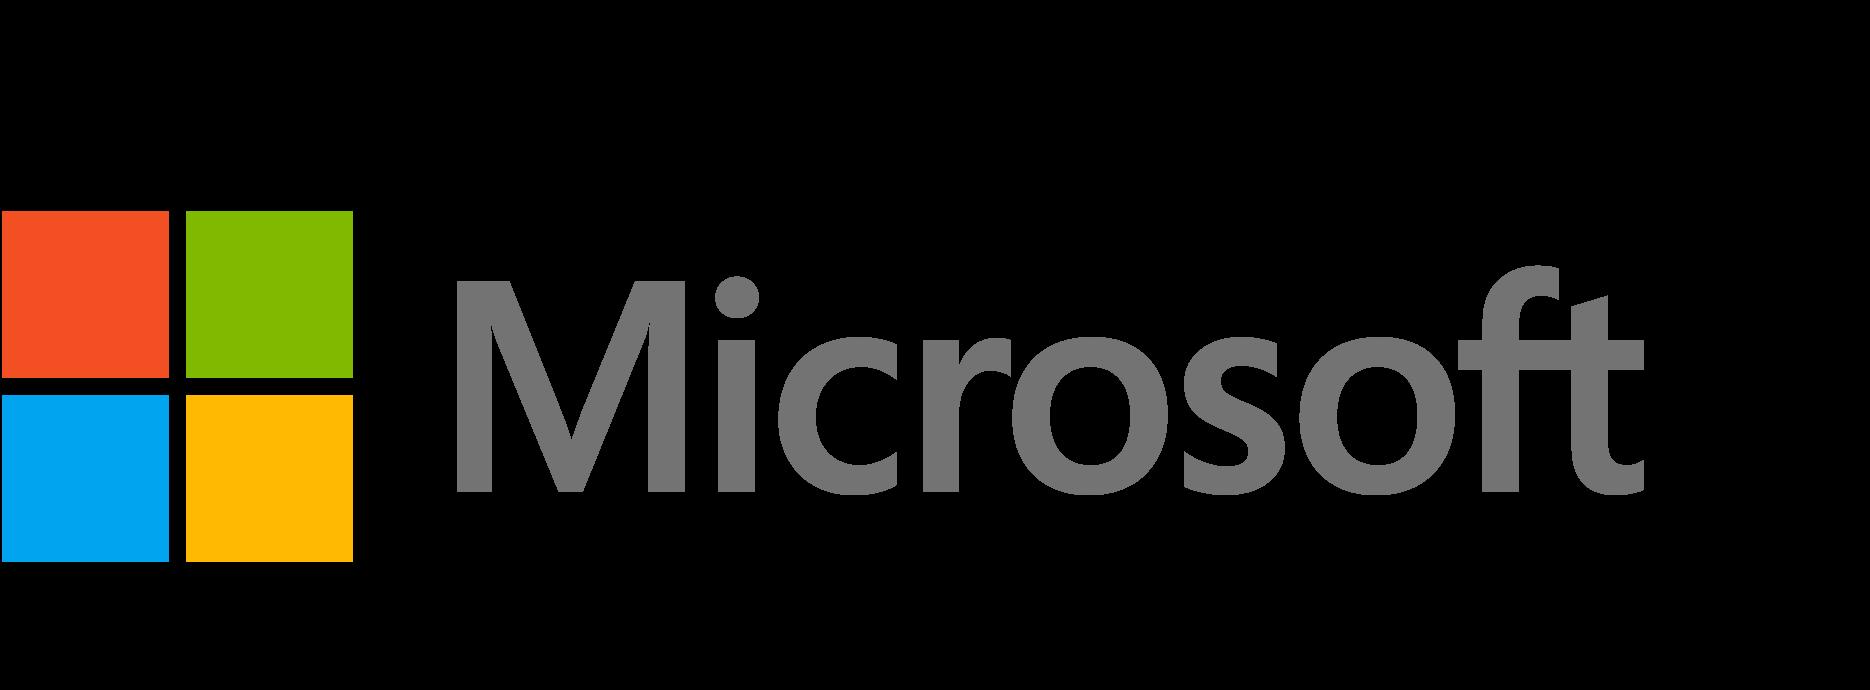 microsoft origin